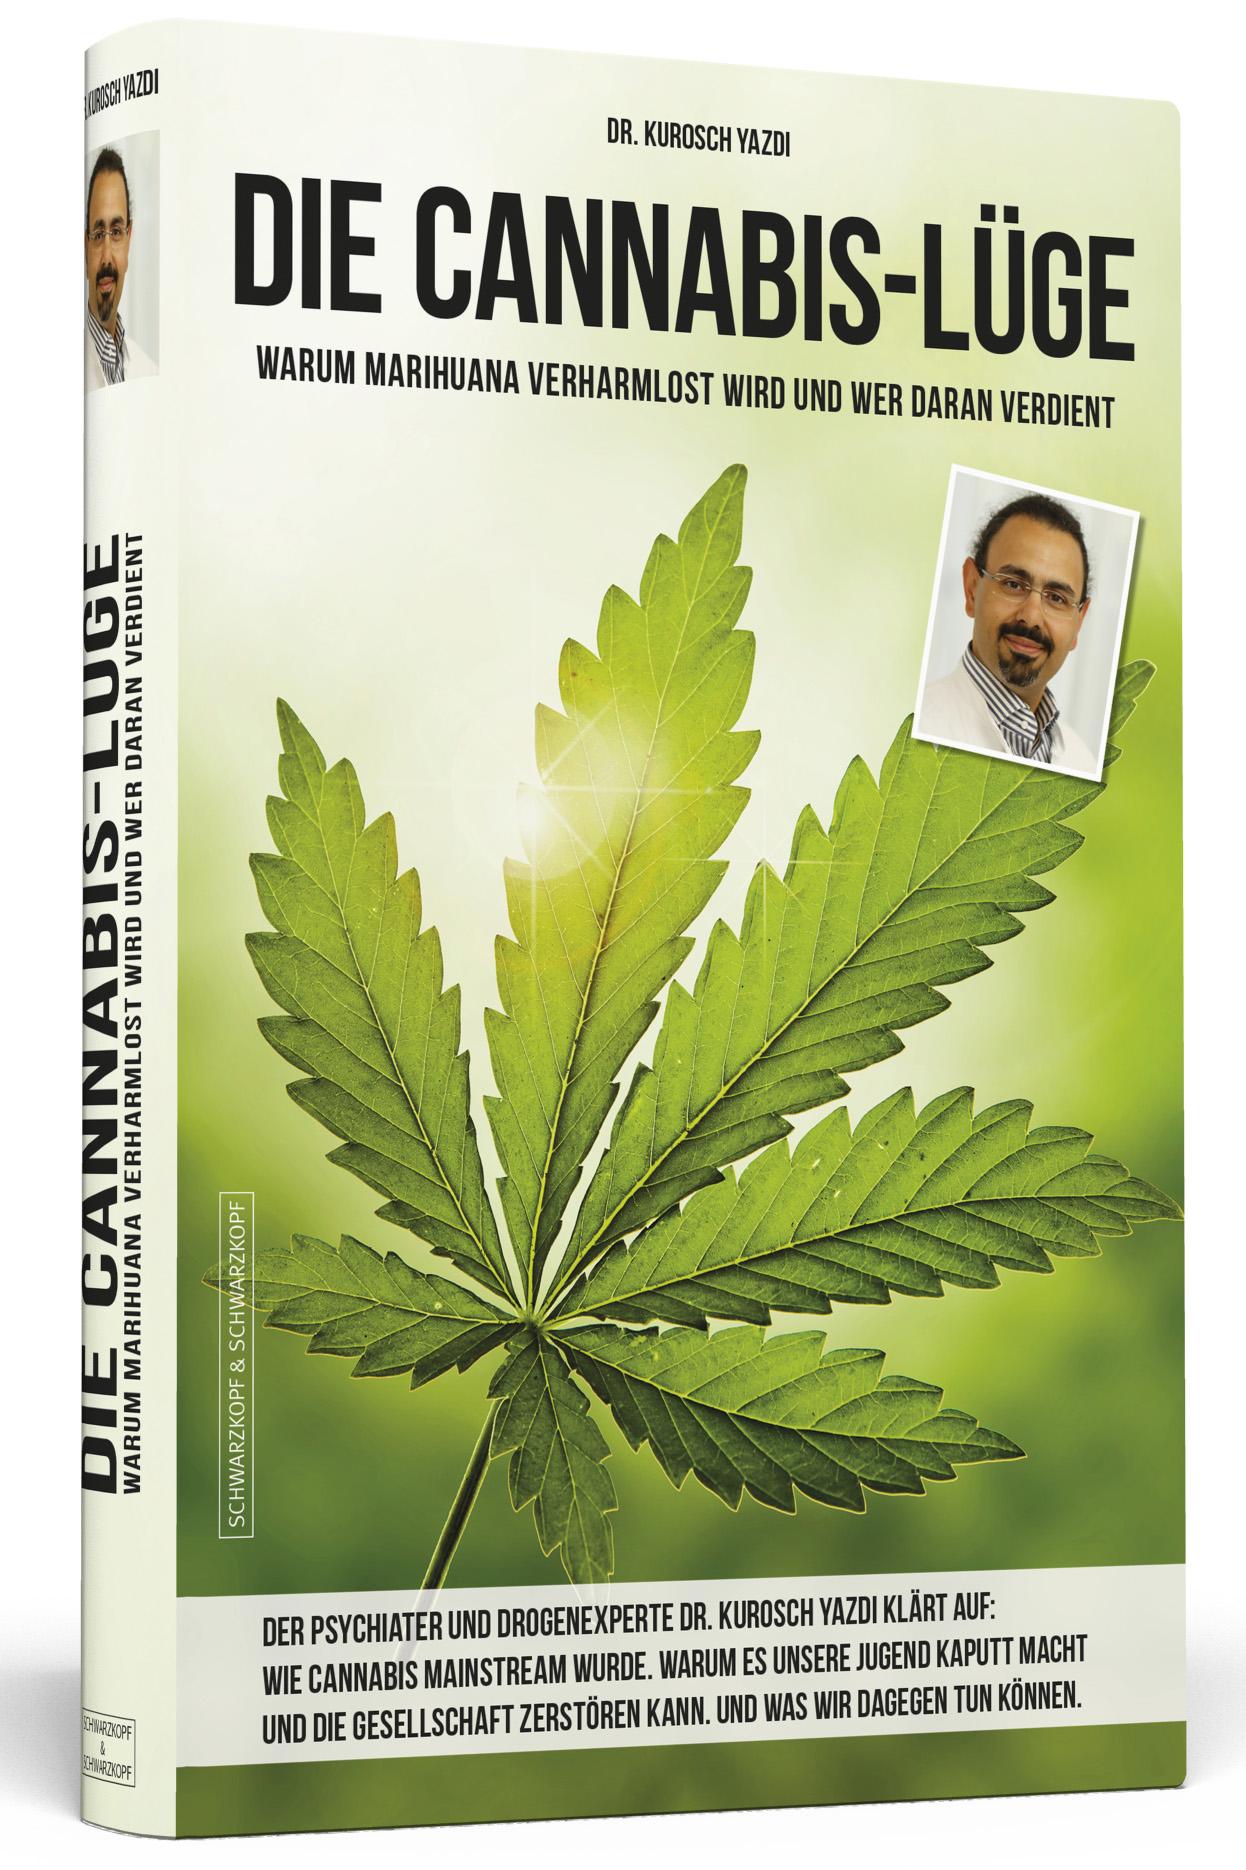 DIE CANNABIS-LÜGE Warum Marihuana verharmlost wird und wer daran verdient 256 Seiten | ISBN 978-3-86265-633-2 |Schwarzkopf & Schwarzkopf Verlag, Berlin 2017 www.schwarzkopf-schwarzkopf.de